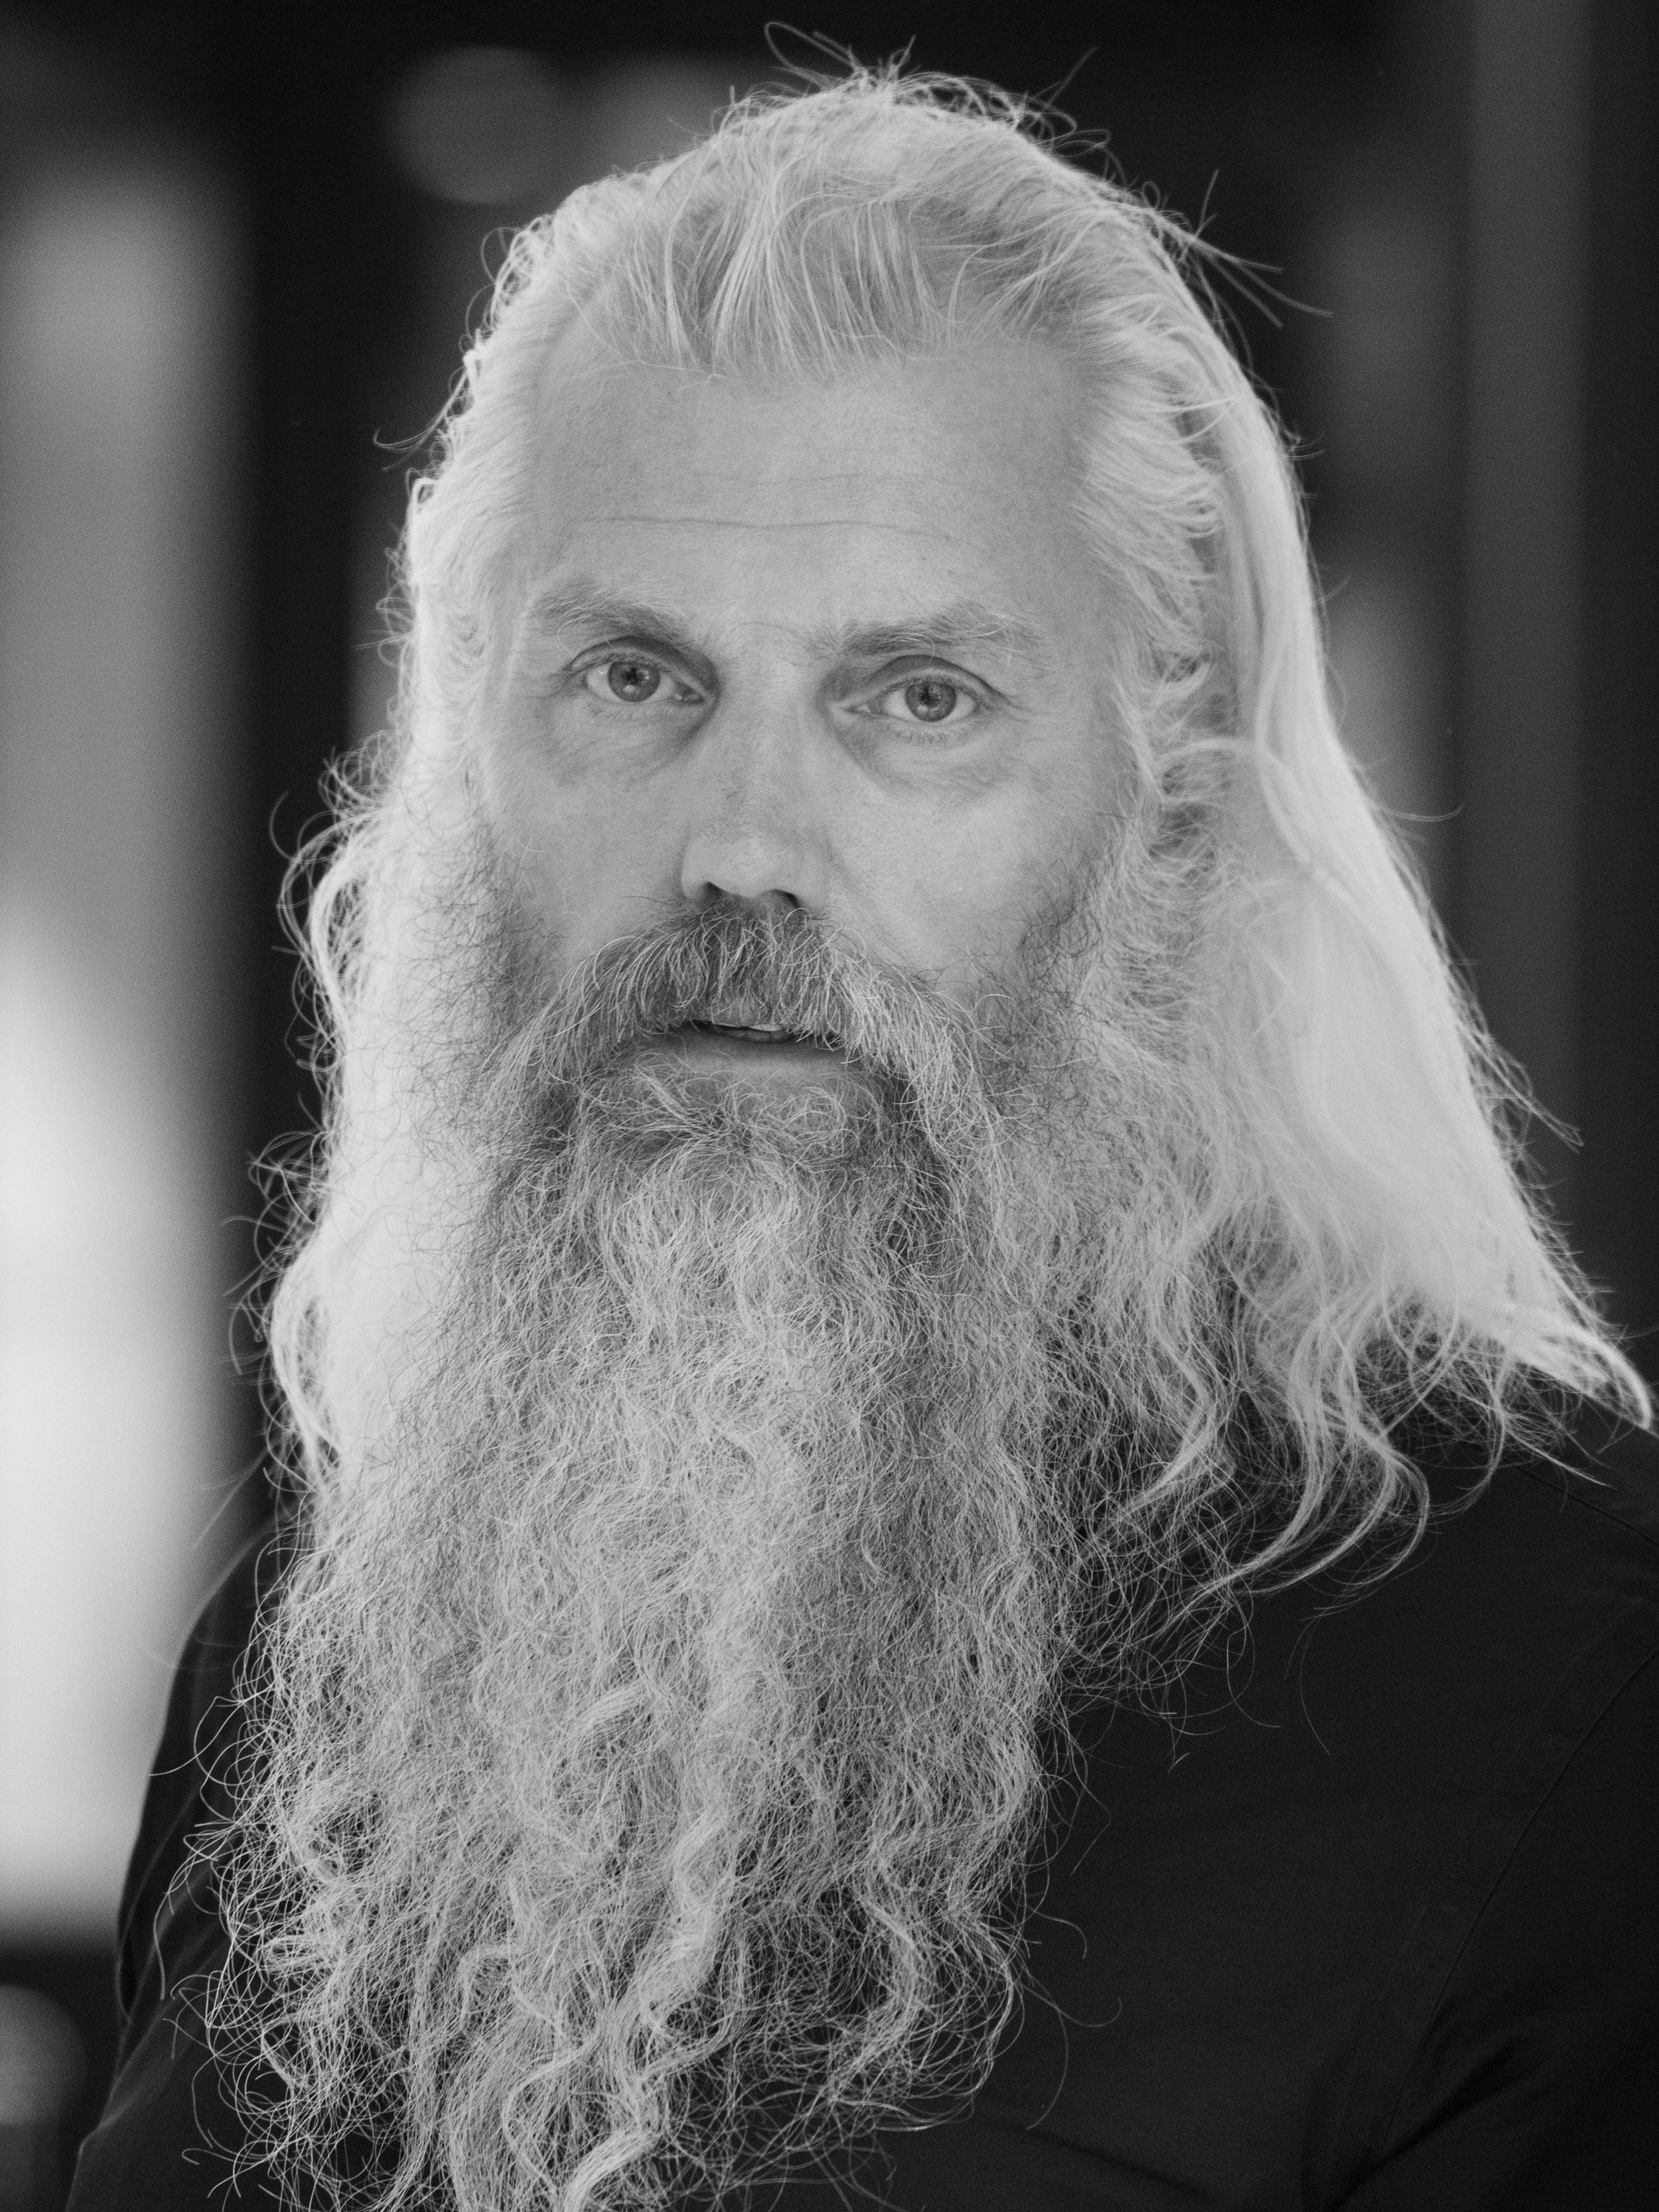 Erling Johansen - Erling Johansen er styremedlem i Fotografihuset AS. Han er styreleder i Stiftelsen SE, som har jobbet siden 2005 for å etablere et fotografihus i Oslo. Erling er foto-entusiast og har variert og bred erfaring fra kultur- og næringsliv, særlig oppstart, snuoperasjoner og marked/salg. Han er utdannet siv.øk fra Norges Handelshøyskole, og har ledet flere små og mellomstore virksomheter. Som Honorar konsul for Latvia og prosjektleder for en rekke kunst- og kulturprosjekter har han vært en aktiv brobygger internasjonalt, med fokus på musikk, litteratur, billedkunst og fotografi. (Foto: Roar Vestad)